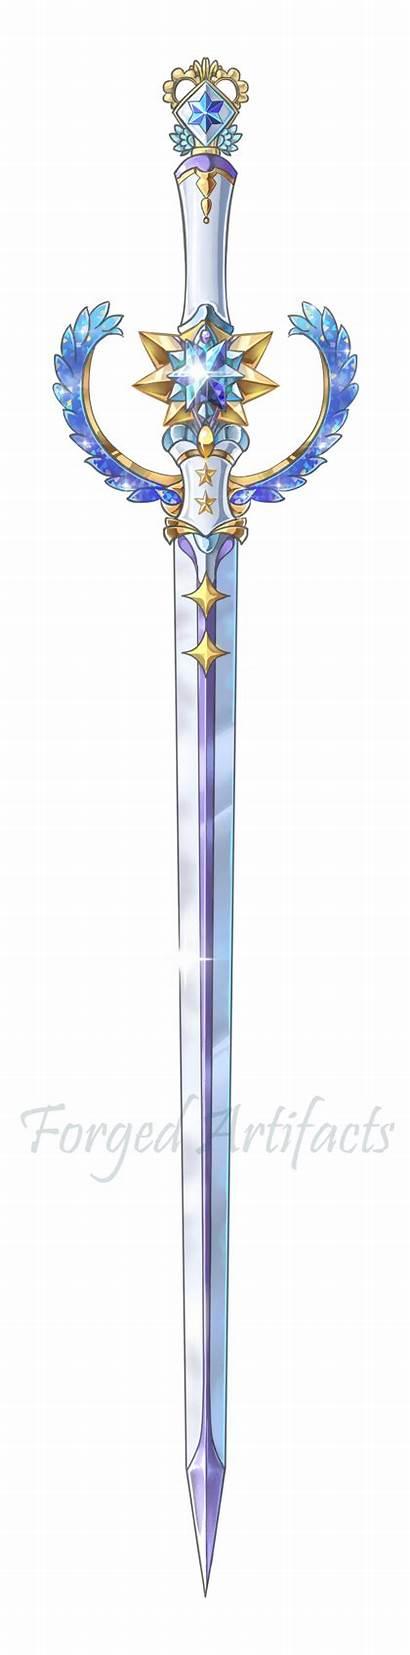 Sword Weapons Weapon Fantasy Deviantart Swords Mercury